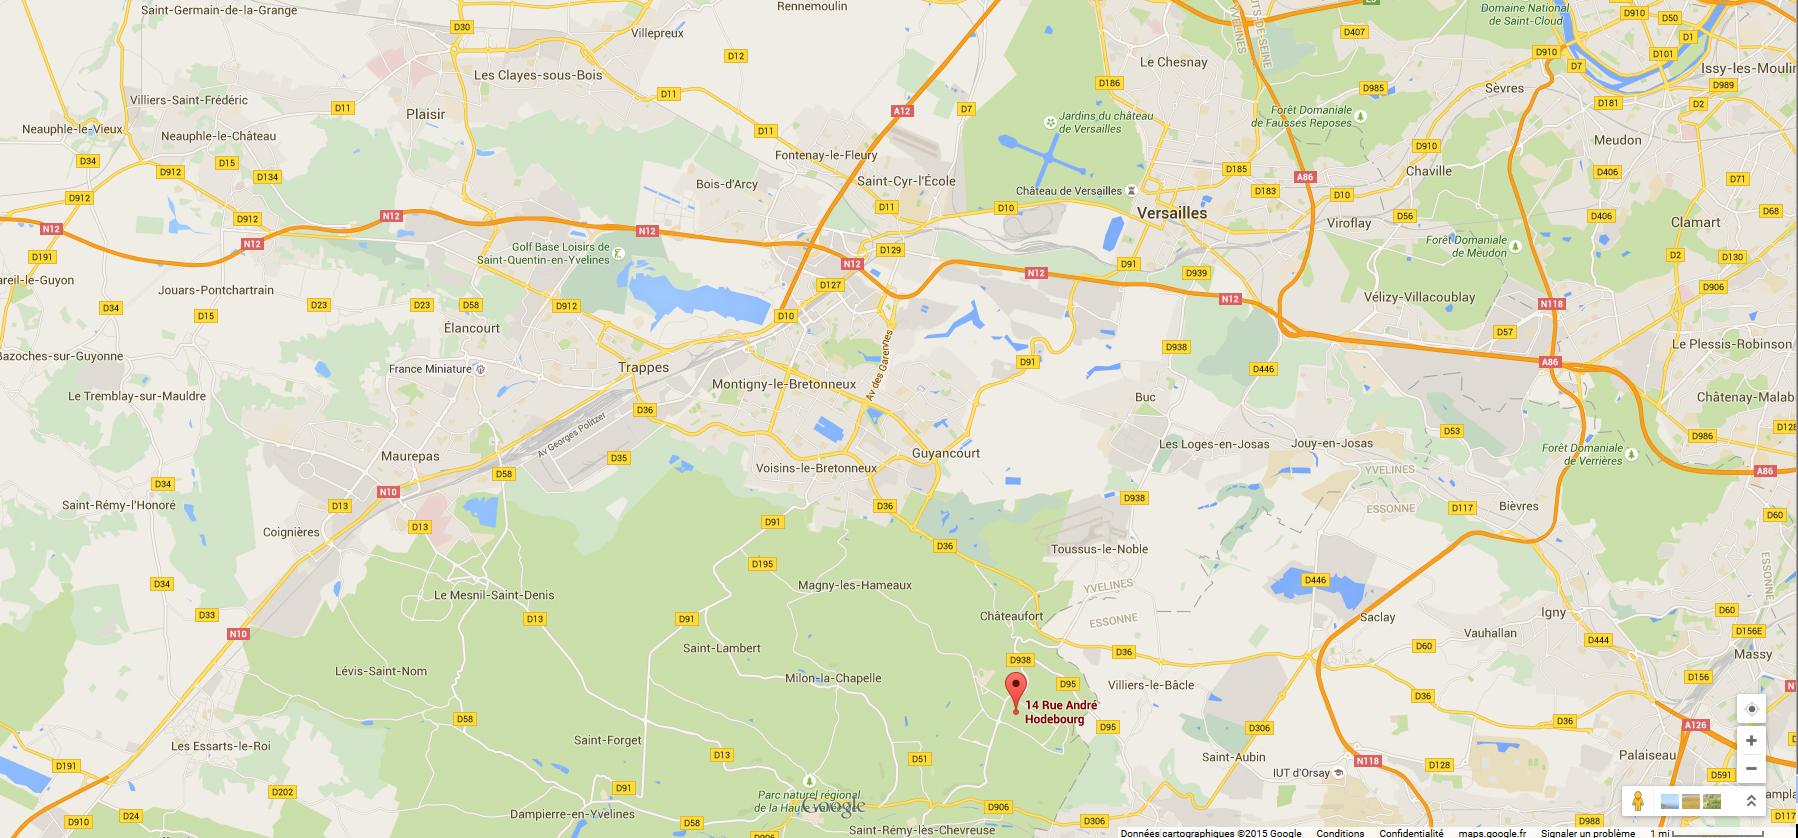 carte magny les hameaux